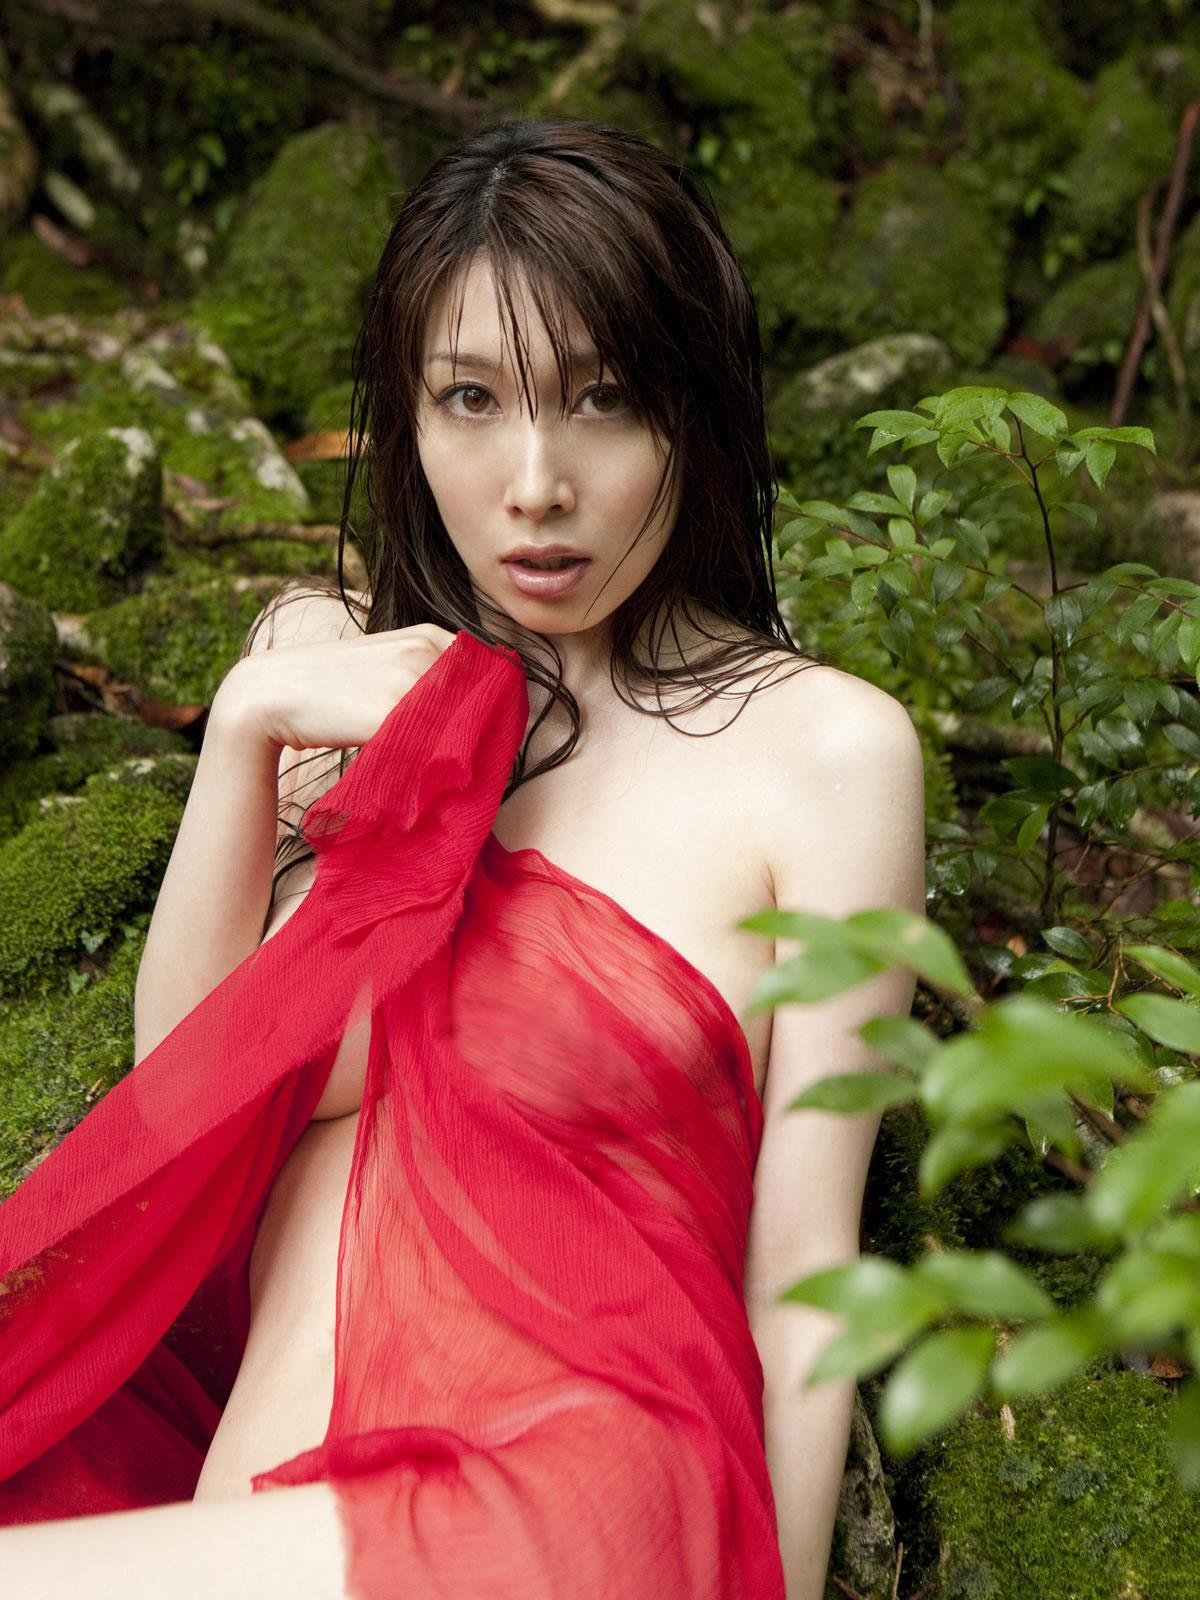 小林恵美 セミヌード画像 17